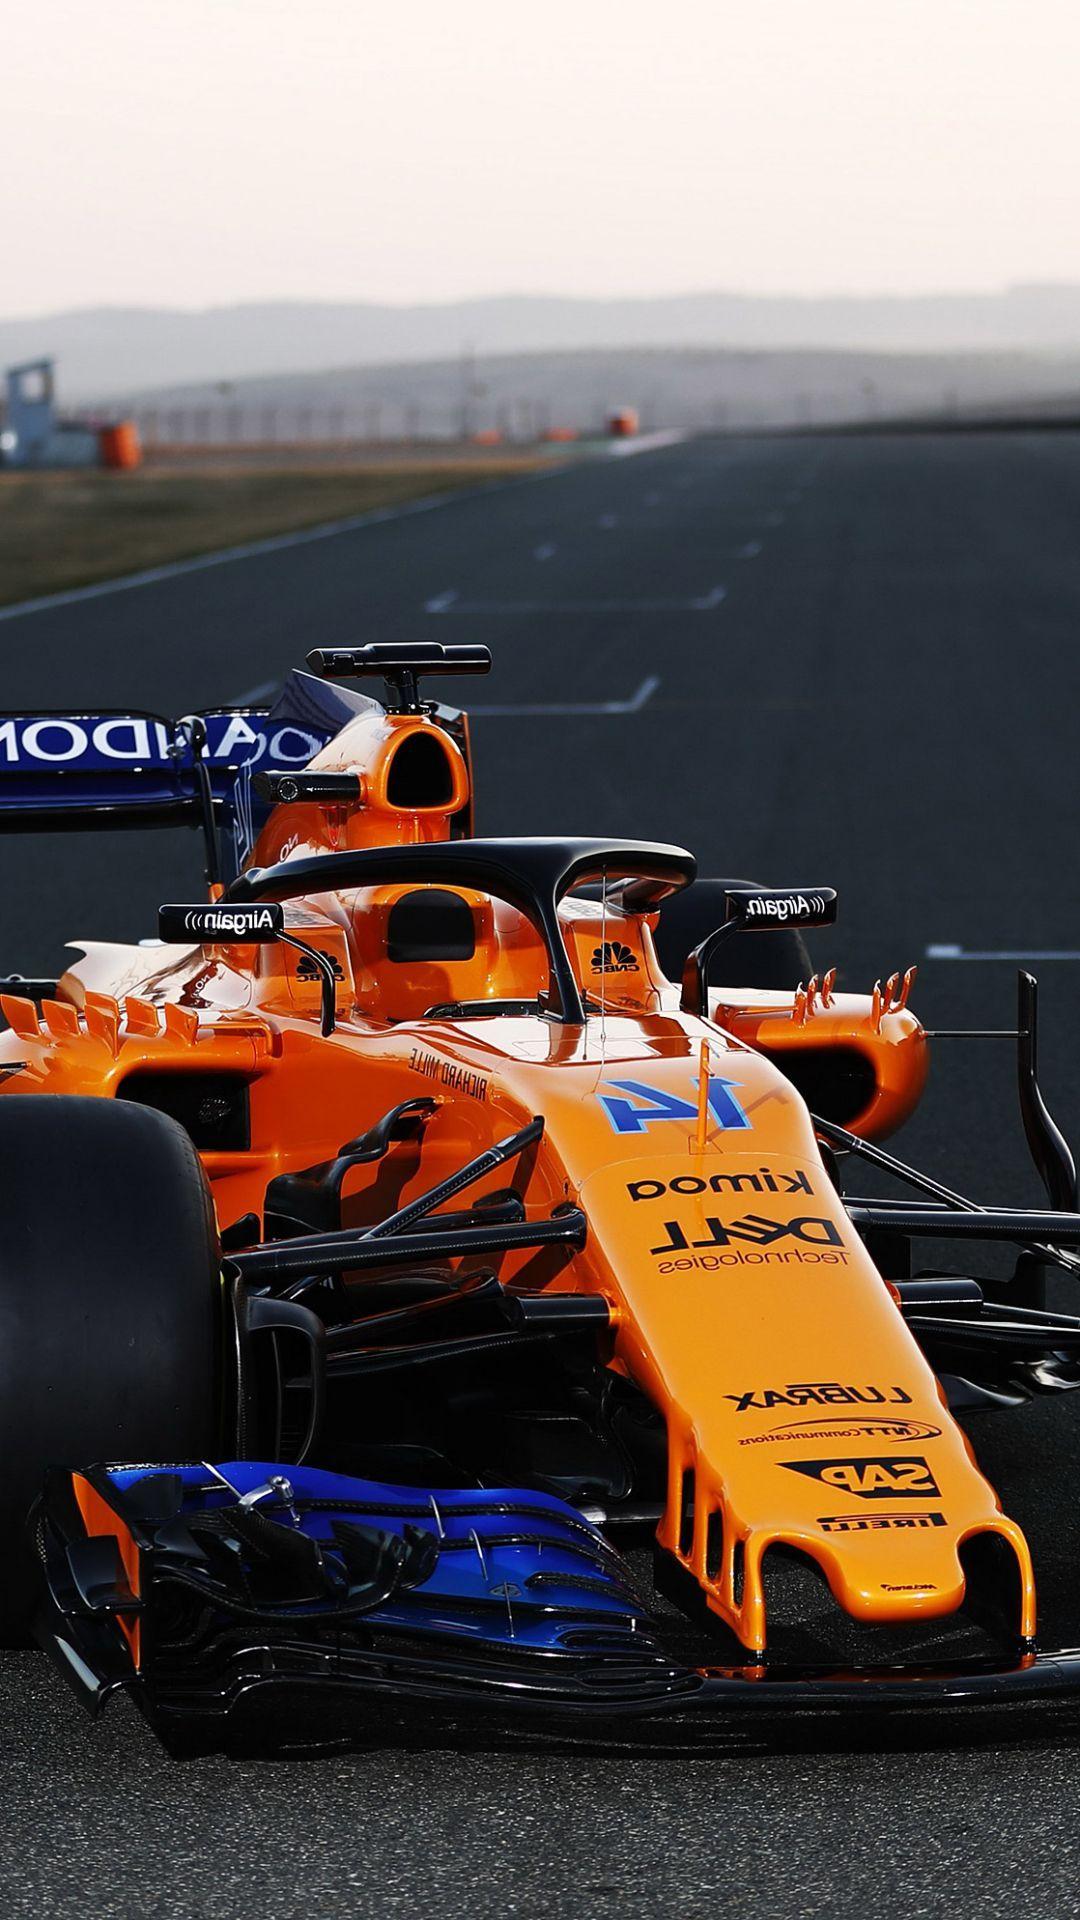 F1 McLaren Wallpapers - Wallpaper Cave